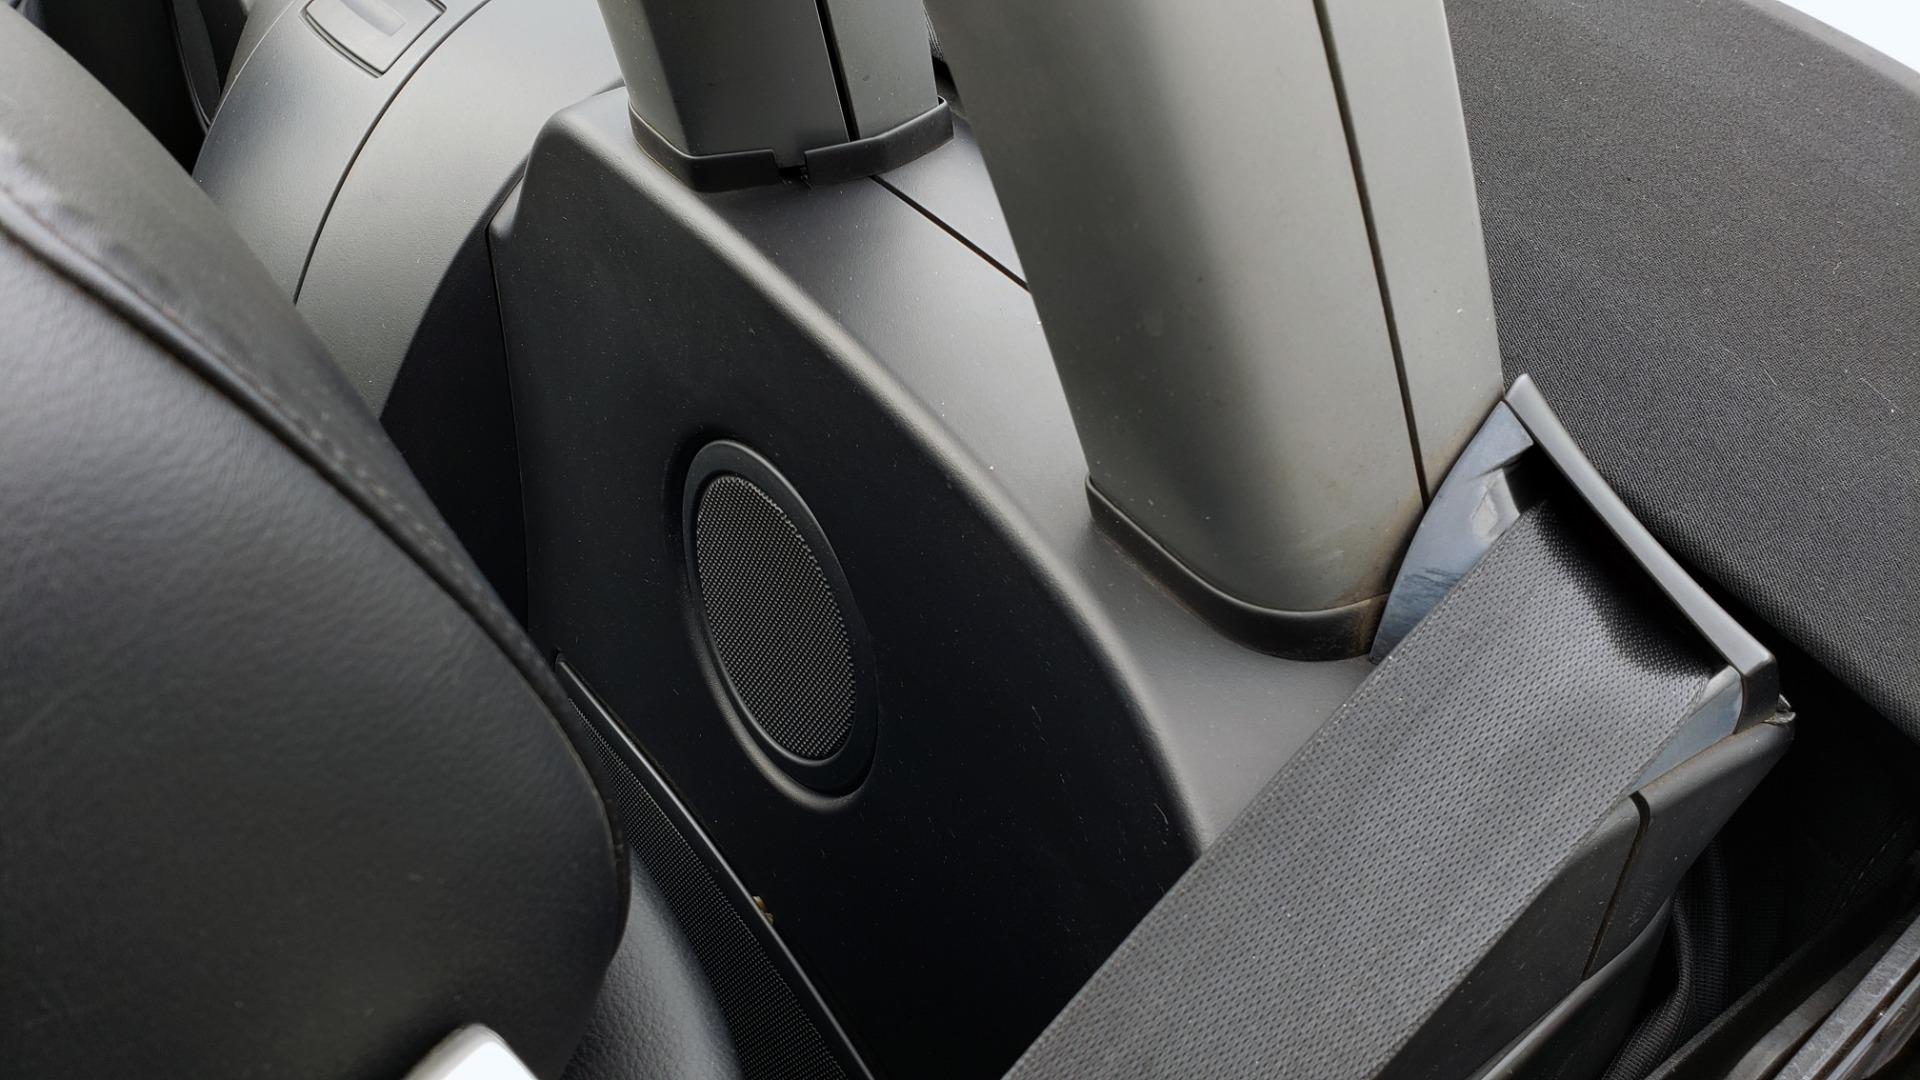 Used 2003 BMW Z4 3.0i ROADSTER / 6-SPD MAN / PREMIUM PKG / SPORT PKG / HTD STS for sale Sold at Formula Imports in Charlotte NC 28227 44